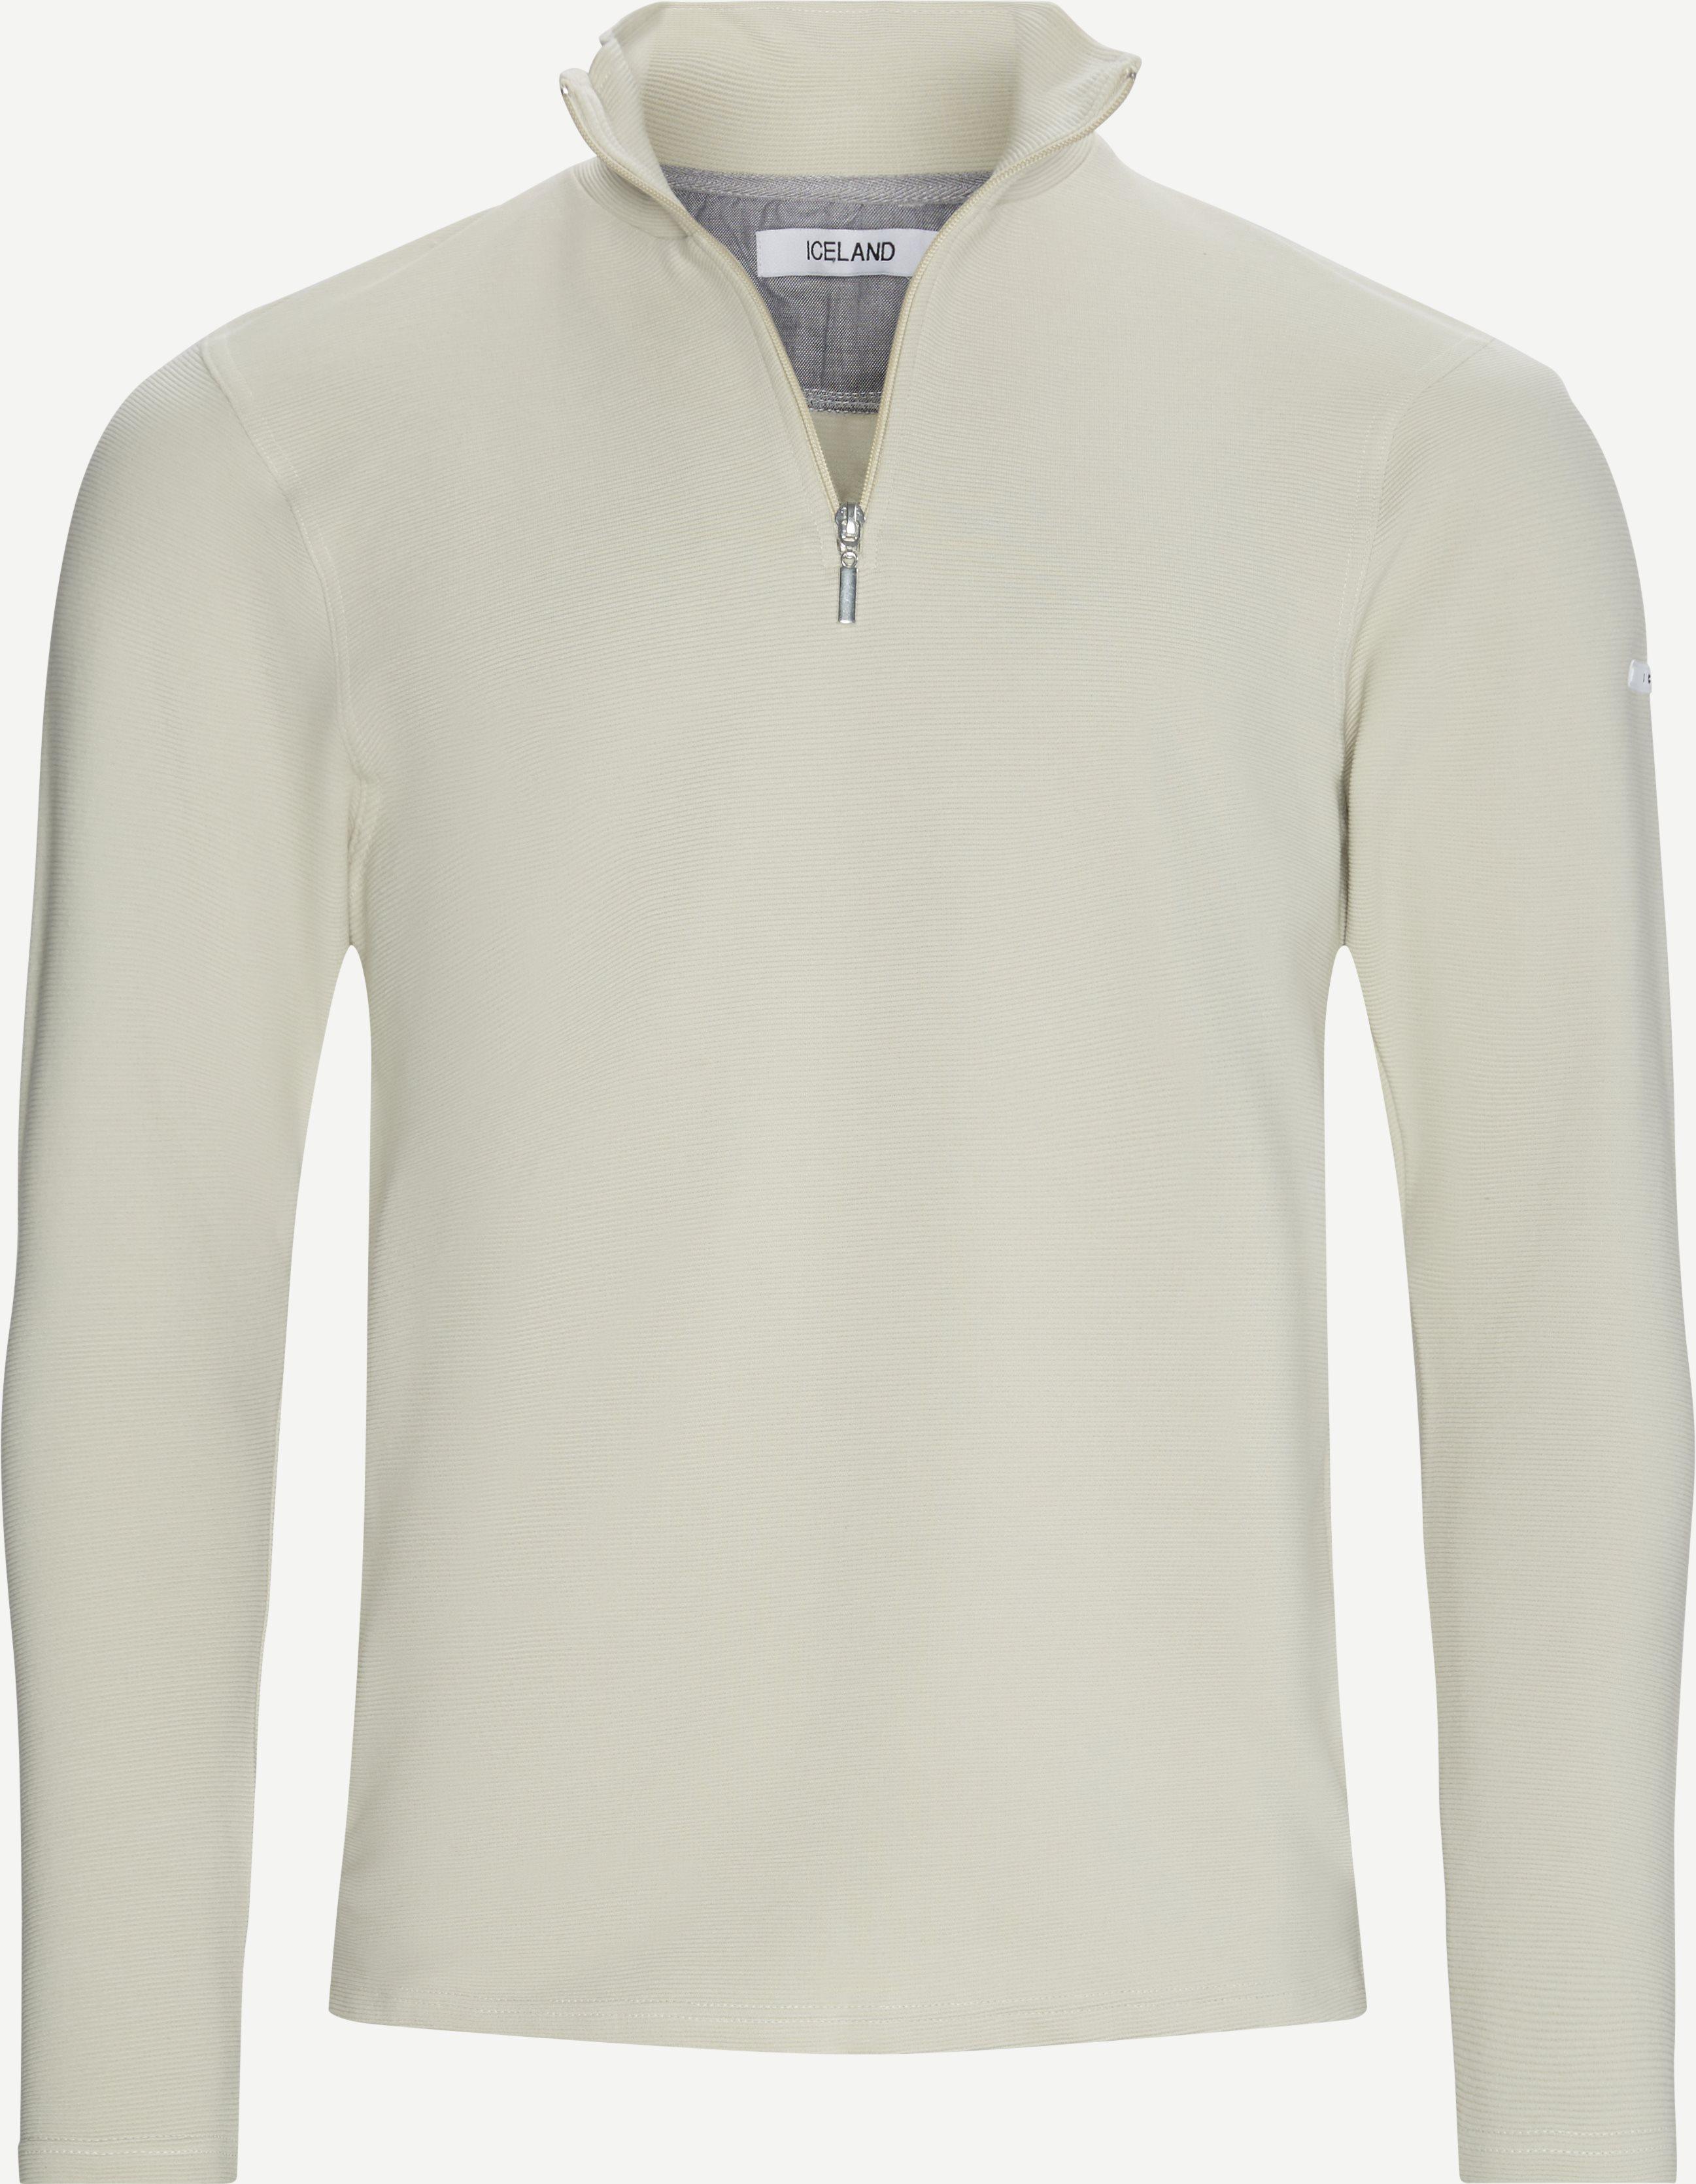 Bjørk Half Zip Sweatshirt - Sweatshirts - Regular fit - Sand